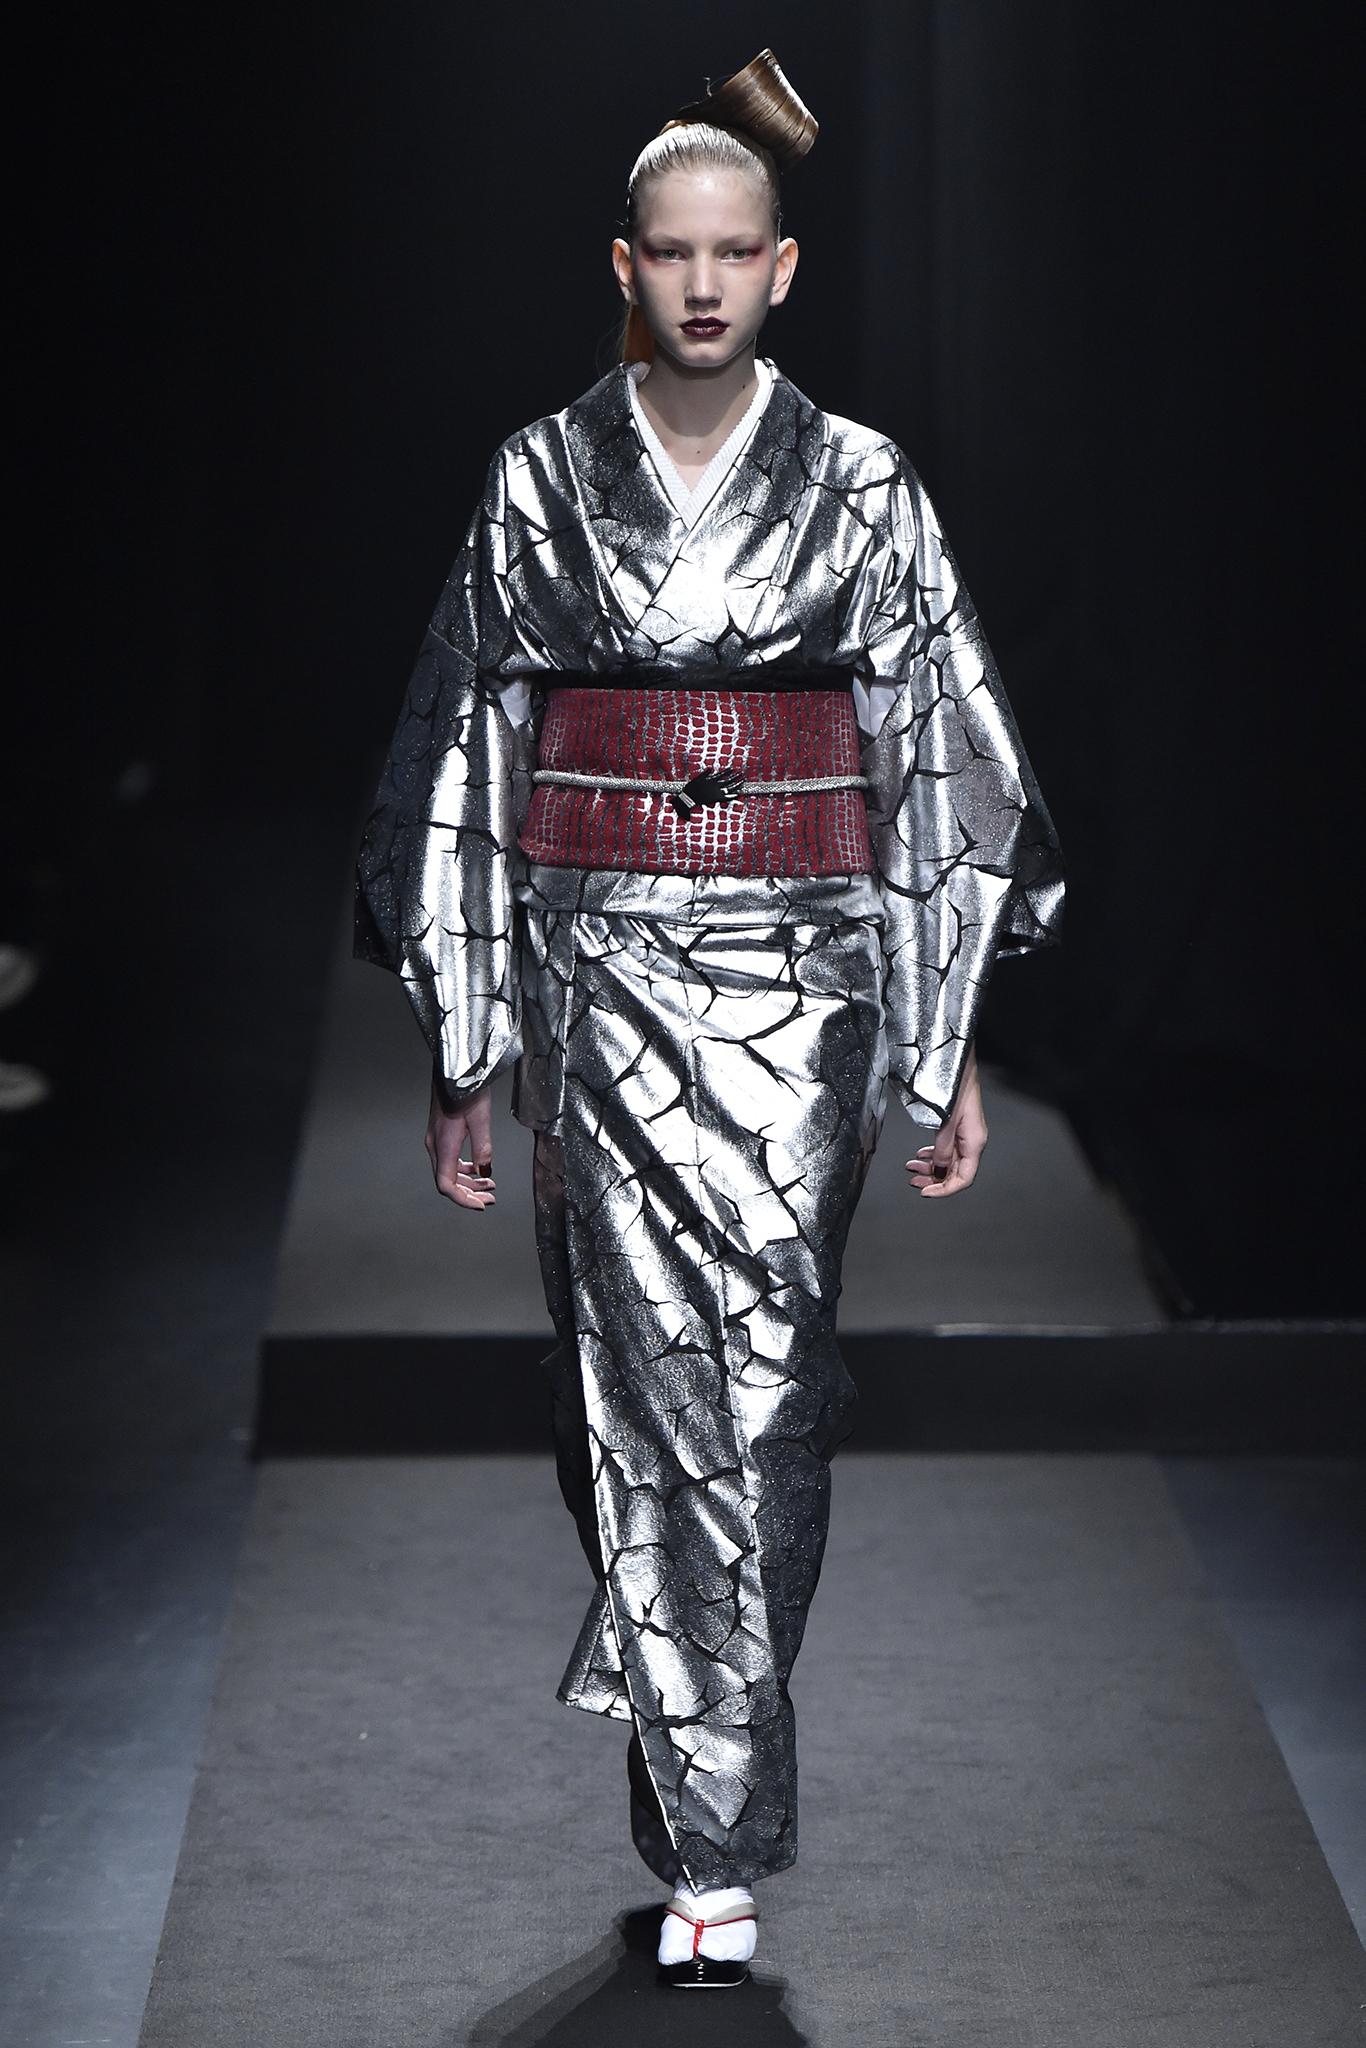 yoshikimono-tokyo-fashion-week-ss17-tfw